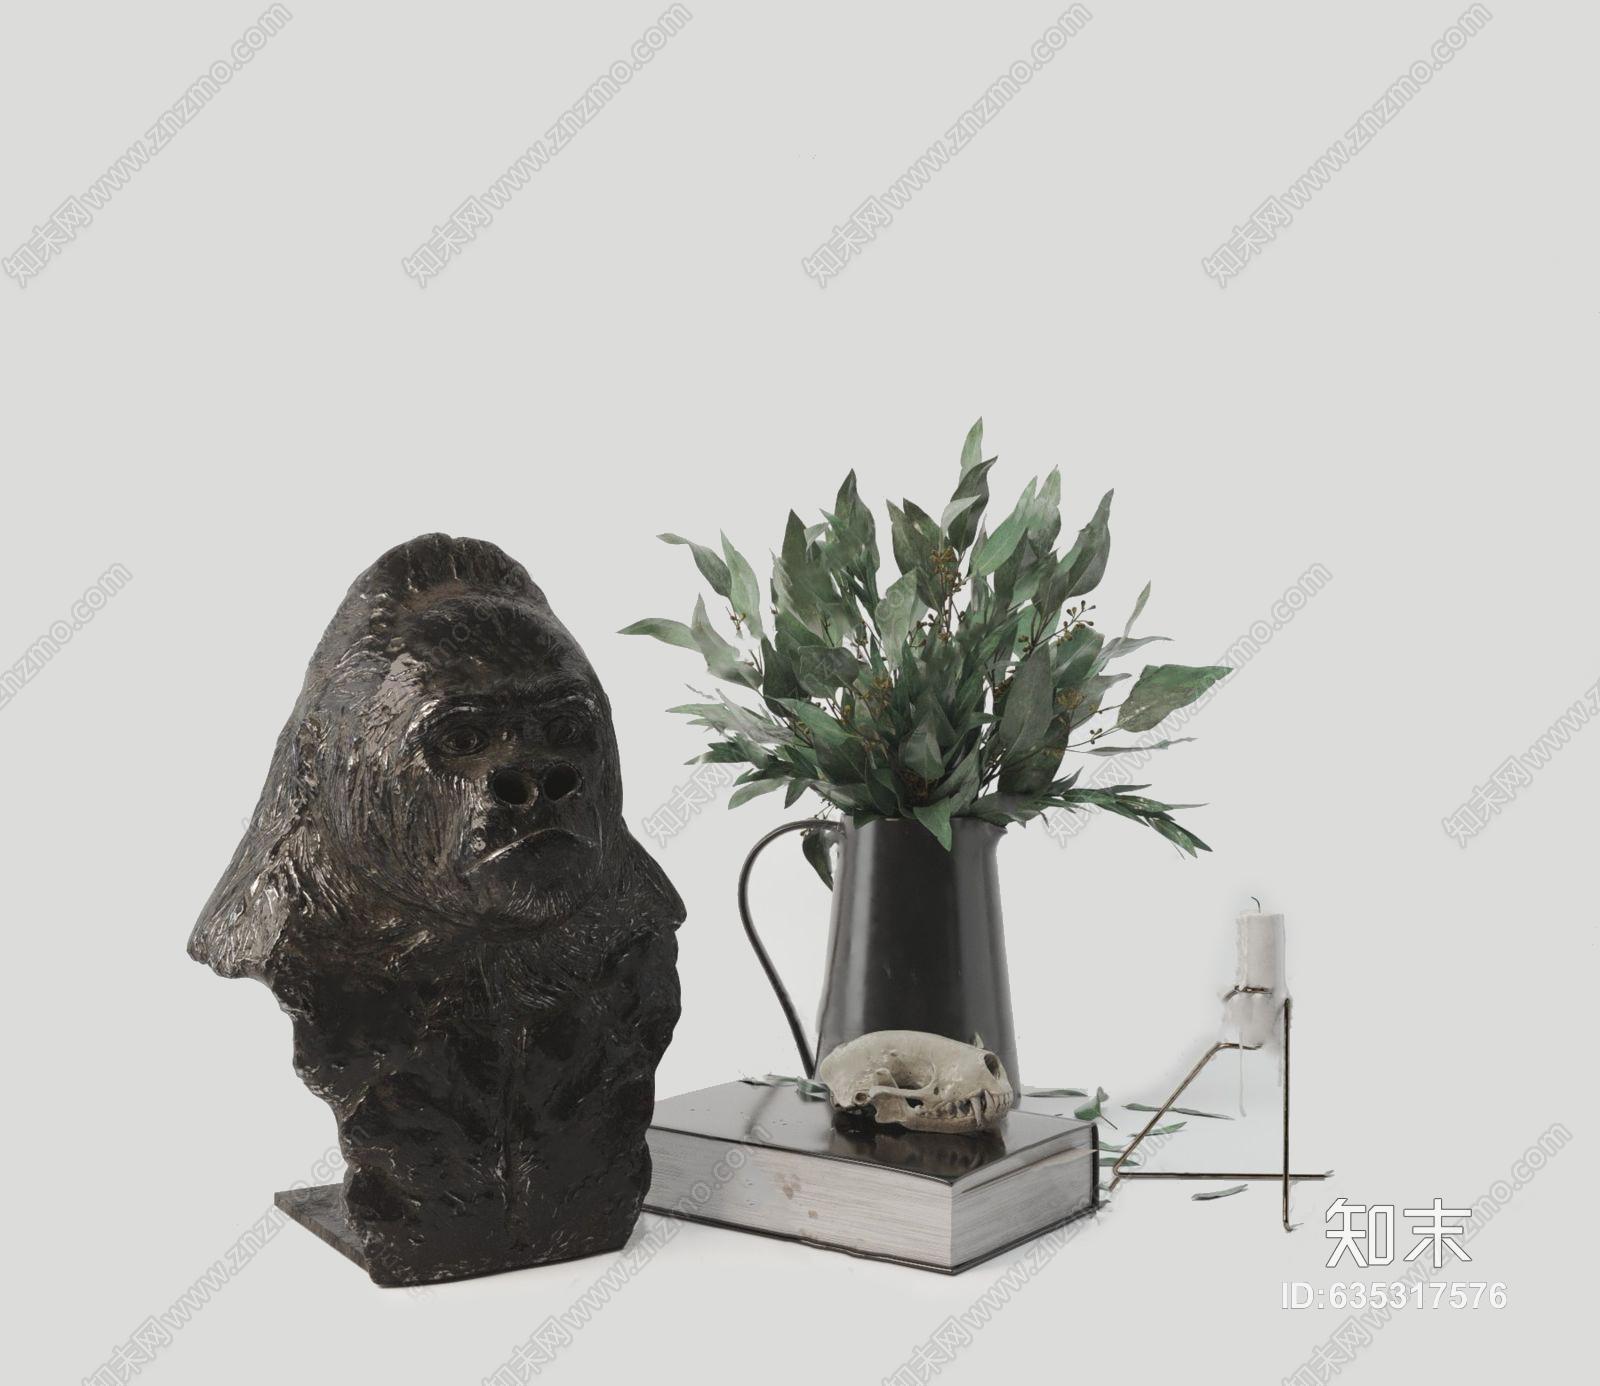 现代陈设品组合 现代饰品摆件 雕塑 书籍 花瓶 蜡烛 摆件